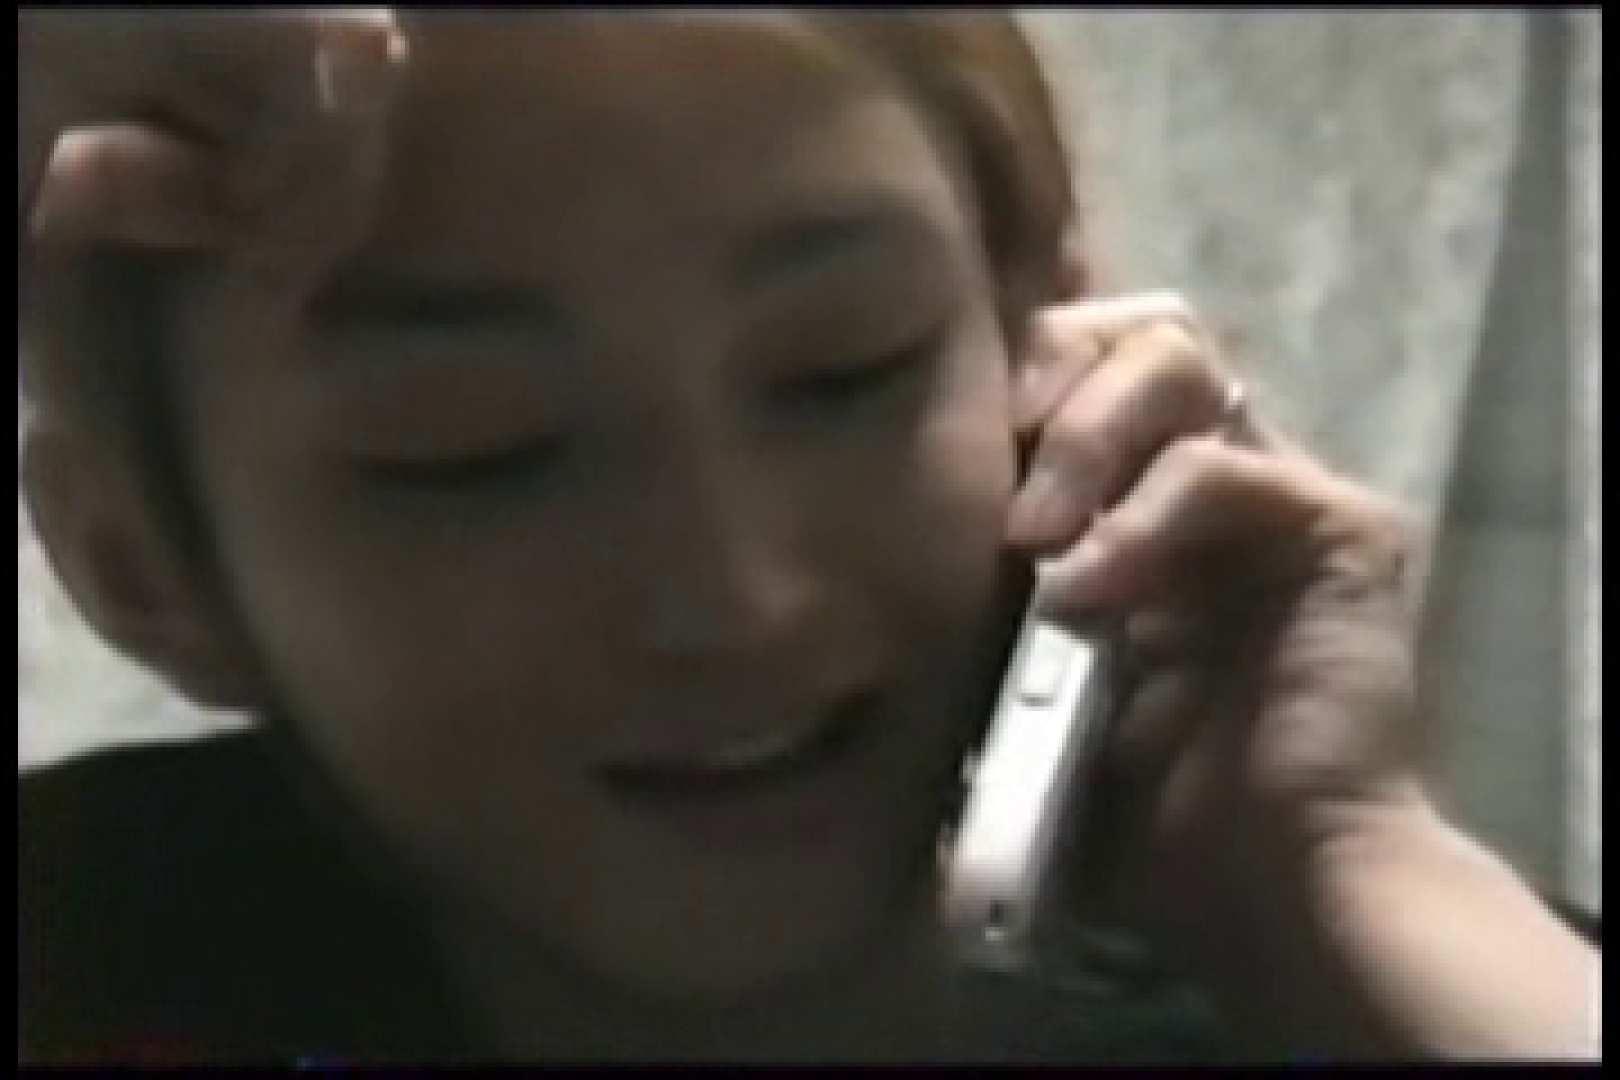 【流出】アイドルを目指したジャニ系イケメンの過去 射精 GAY無修正エロ動画 107枚 33